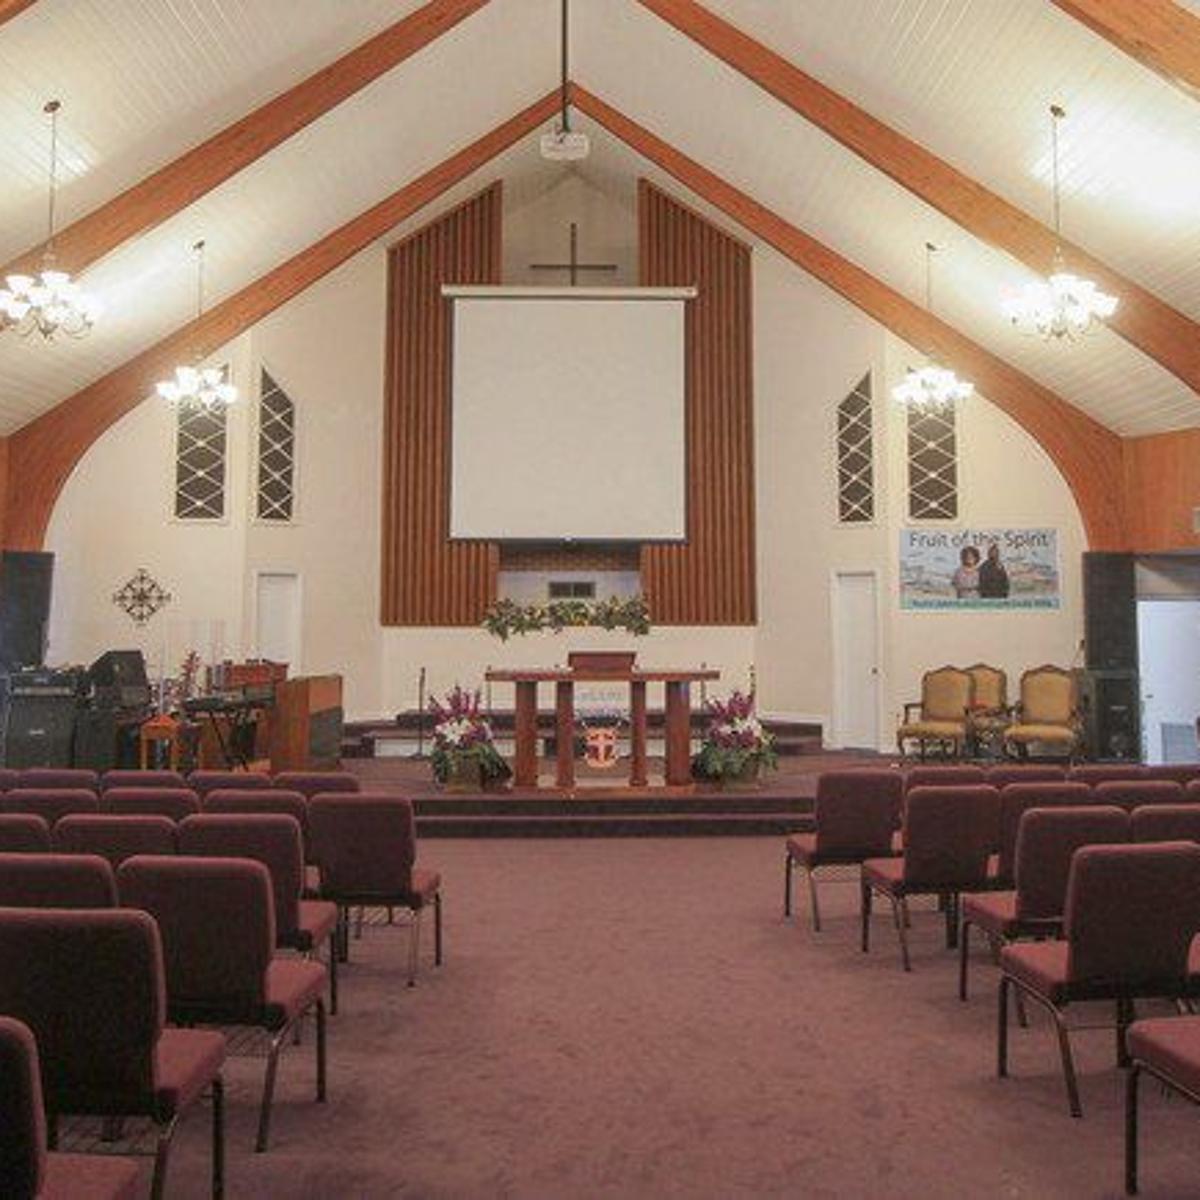 Worship Site Profile: Agape Storehouse Apostolic Church celebrates